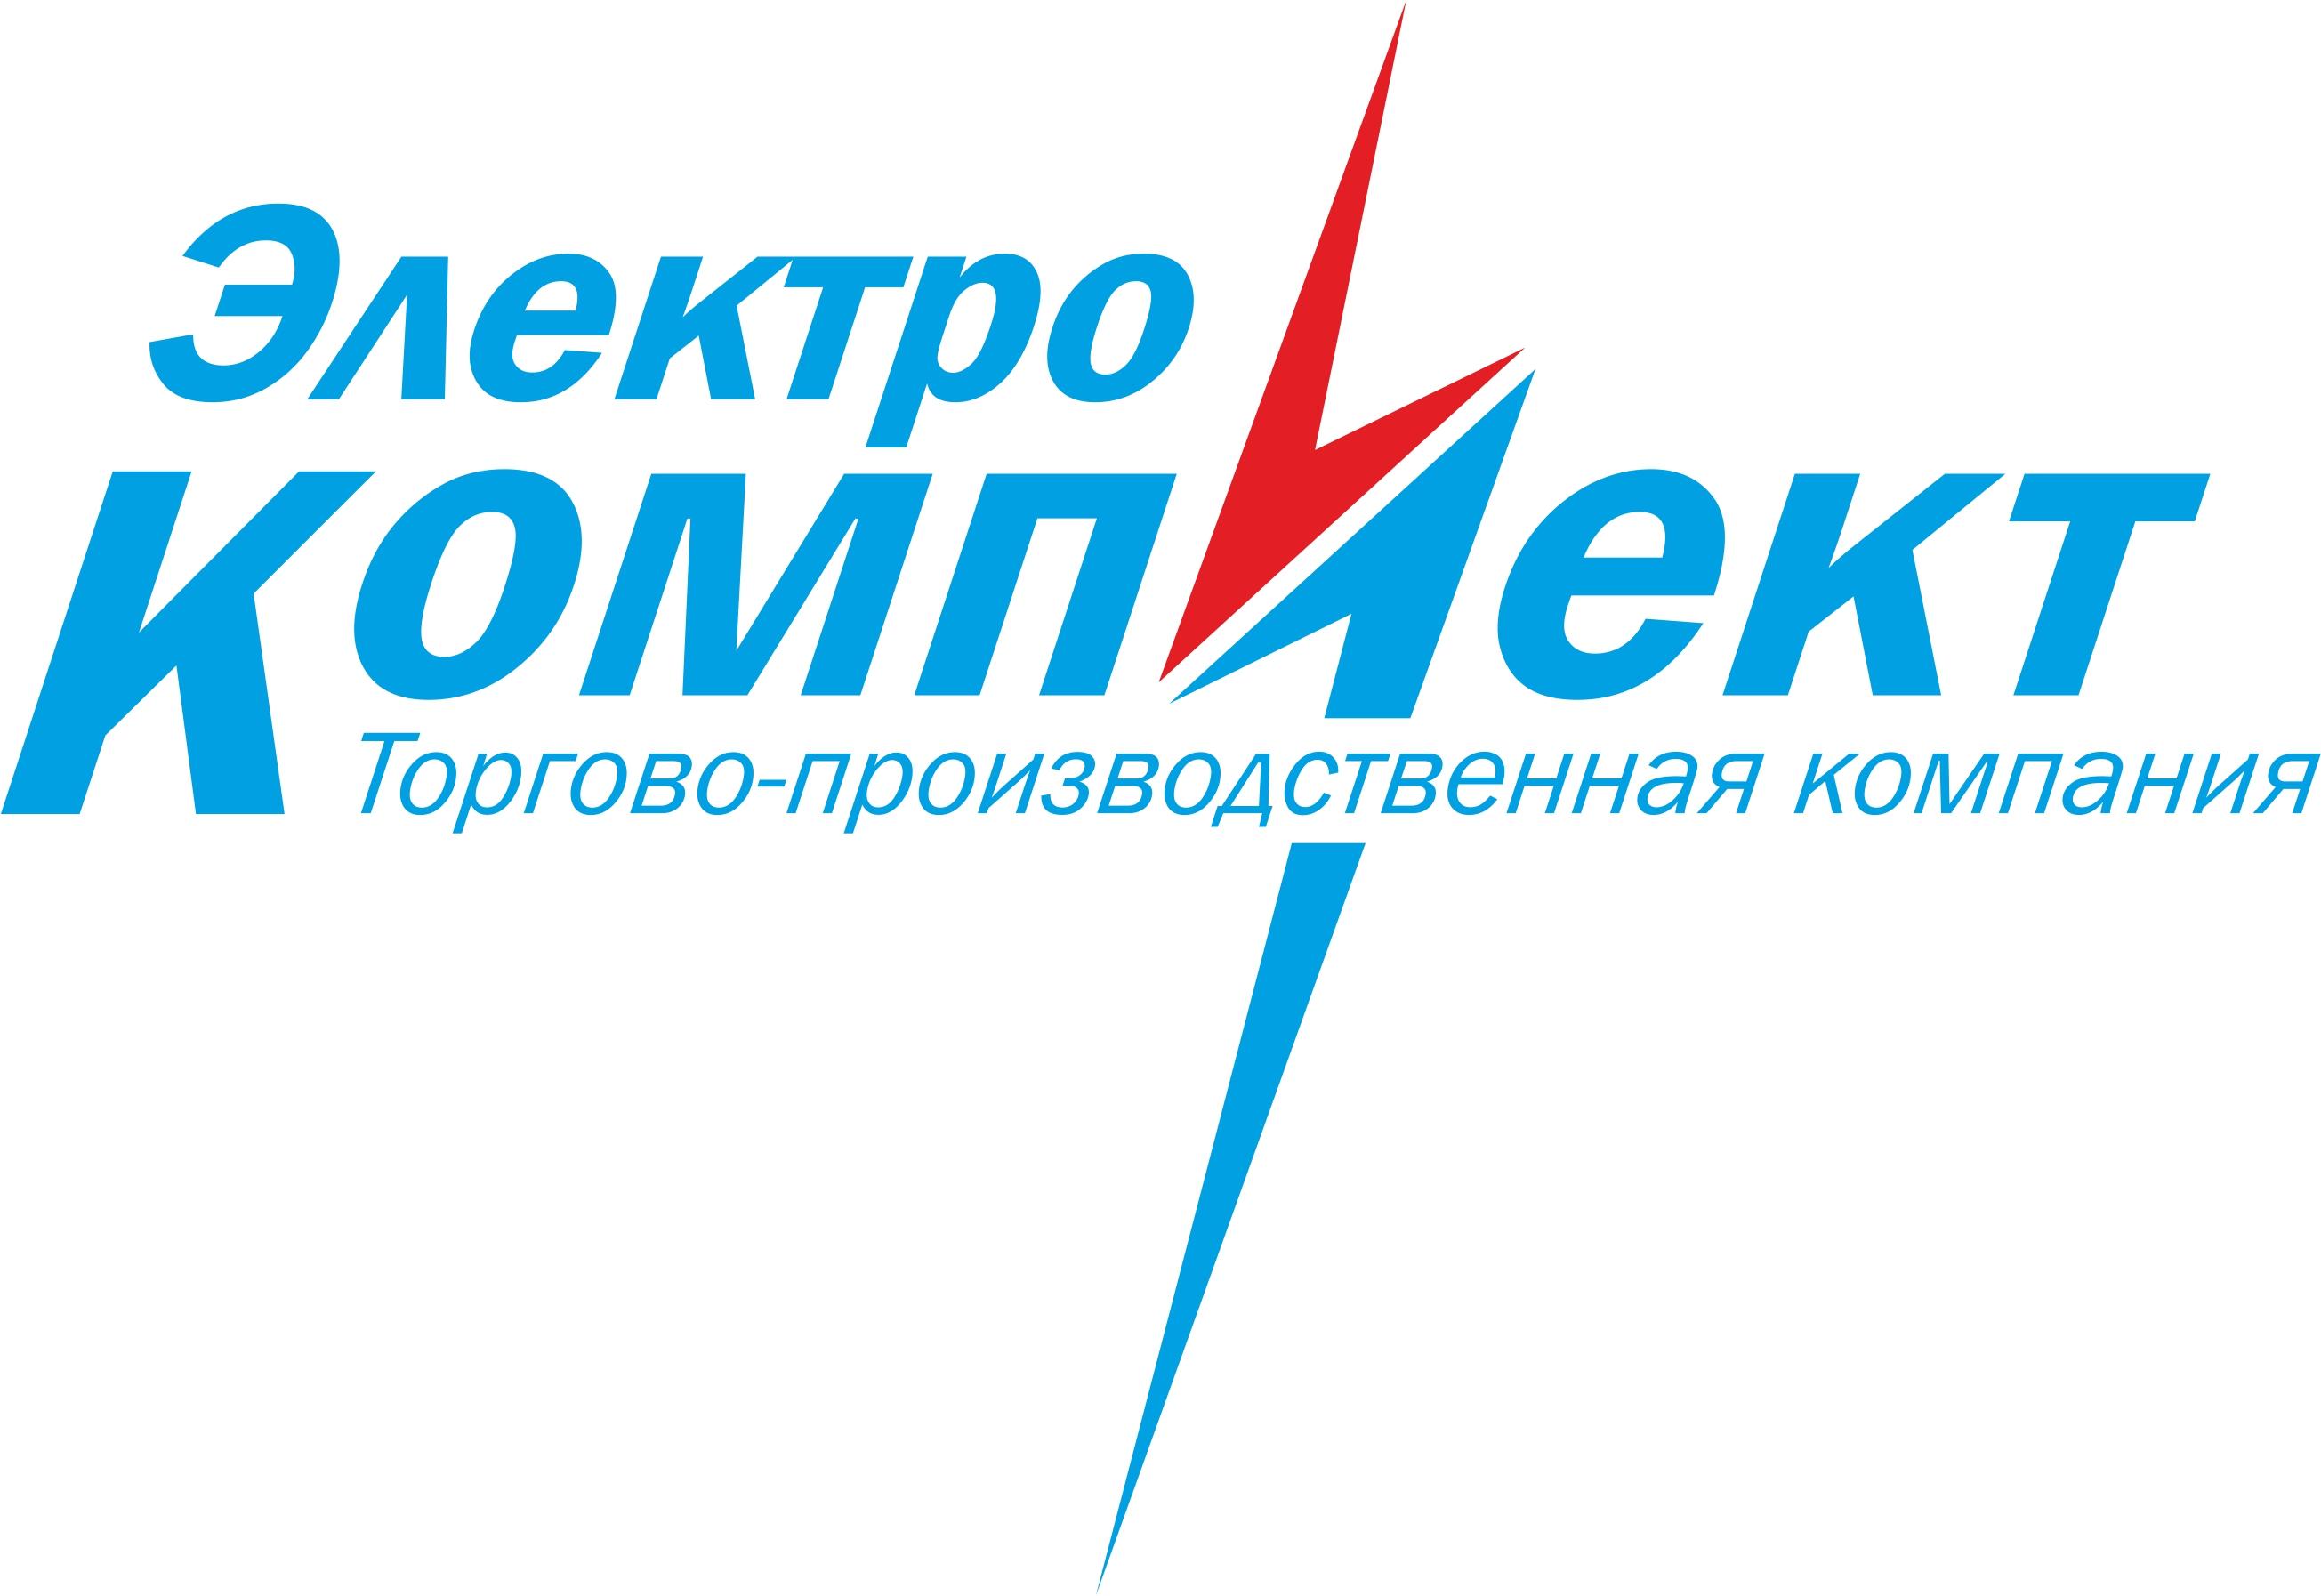 """Торгово-производственная компания """"Электрокомплект"""""""